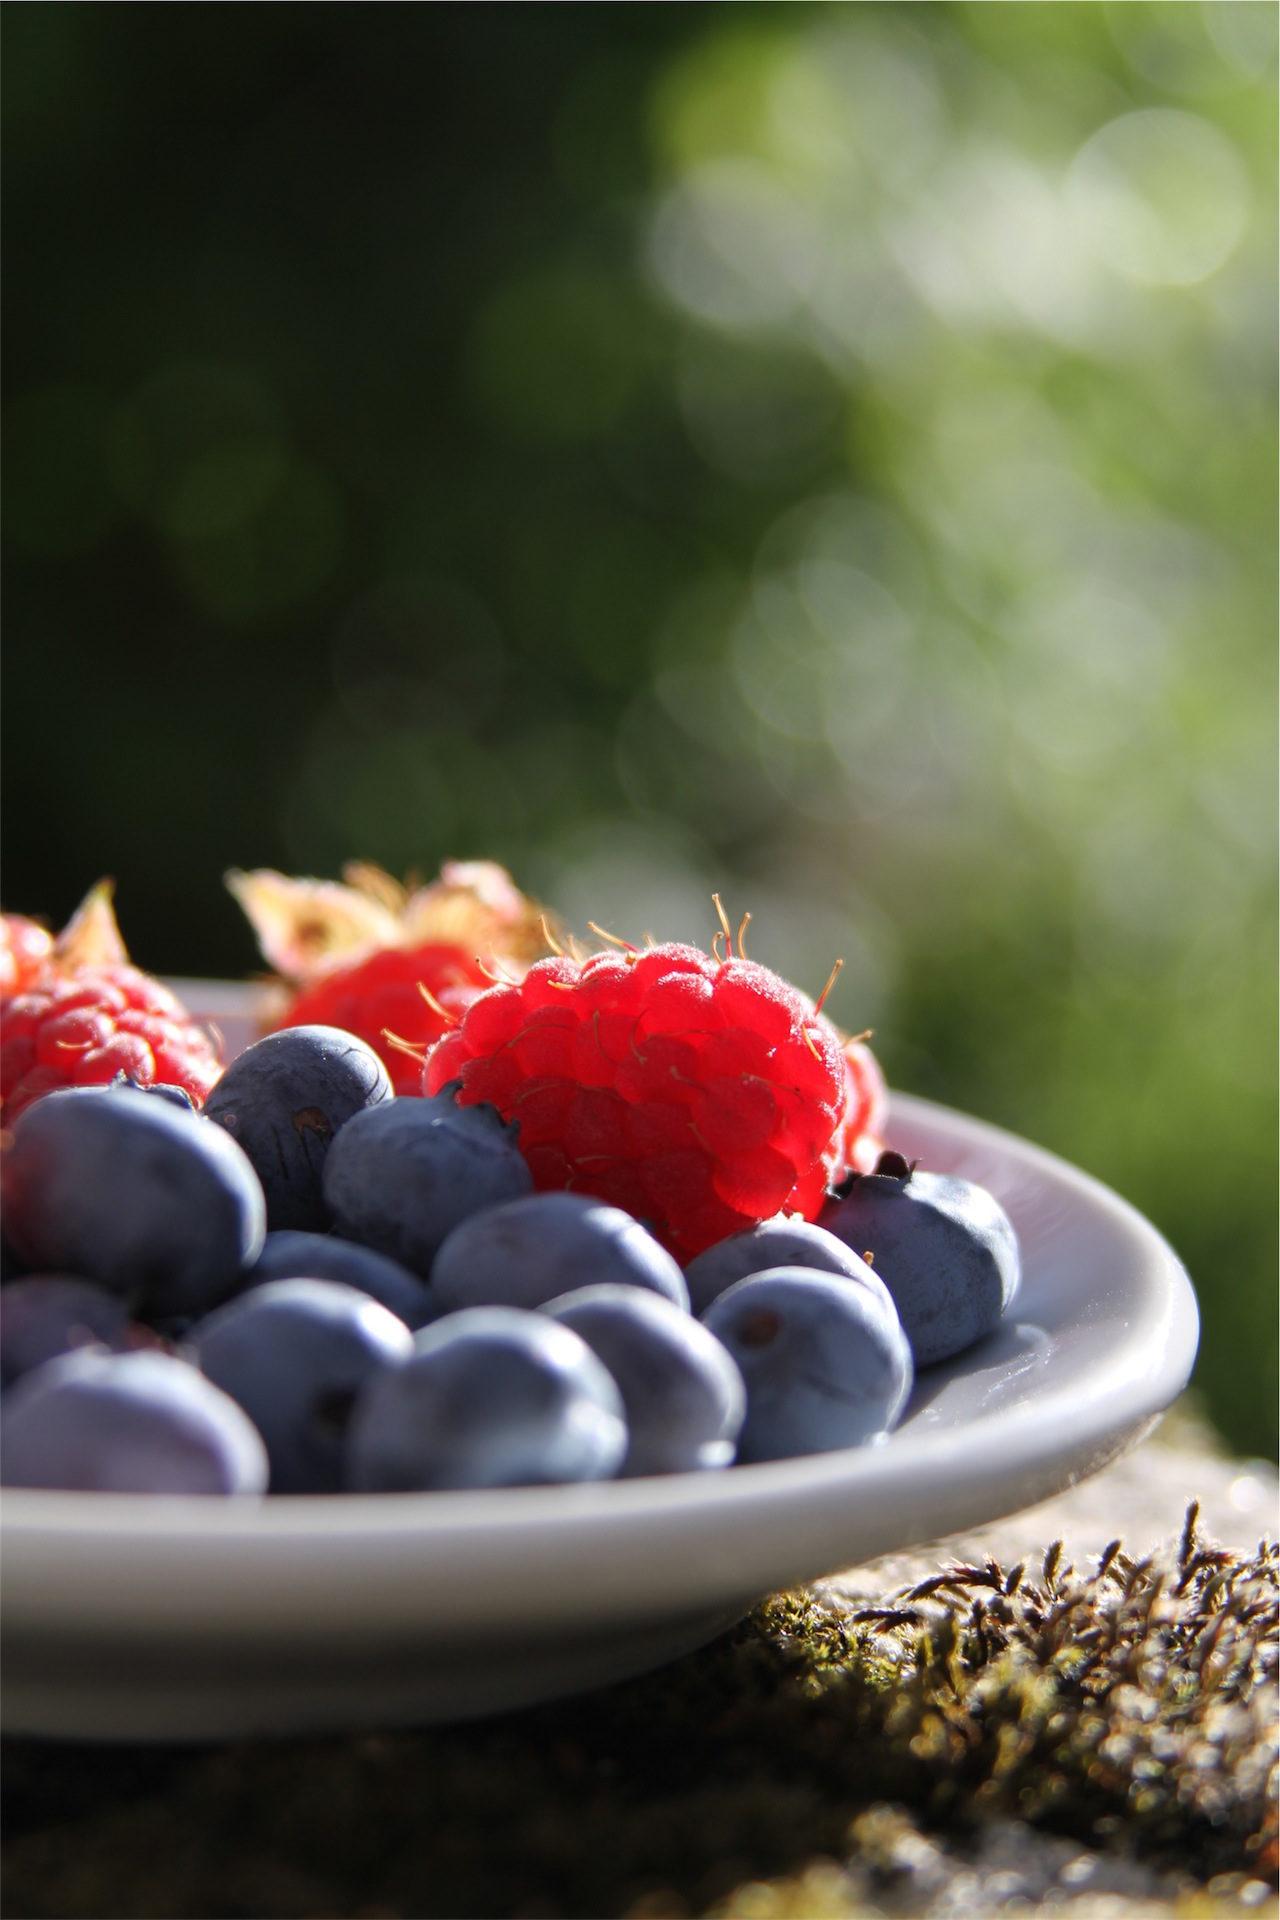 frutas, arándanos, moras, rojas, plato - Fondos de Pantalla HD - professor-falken.com